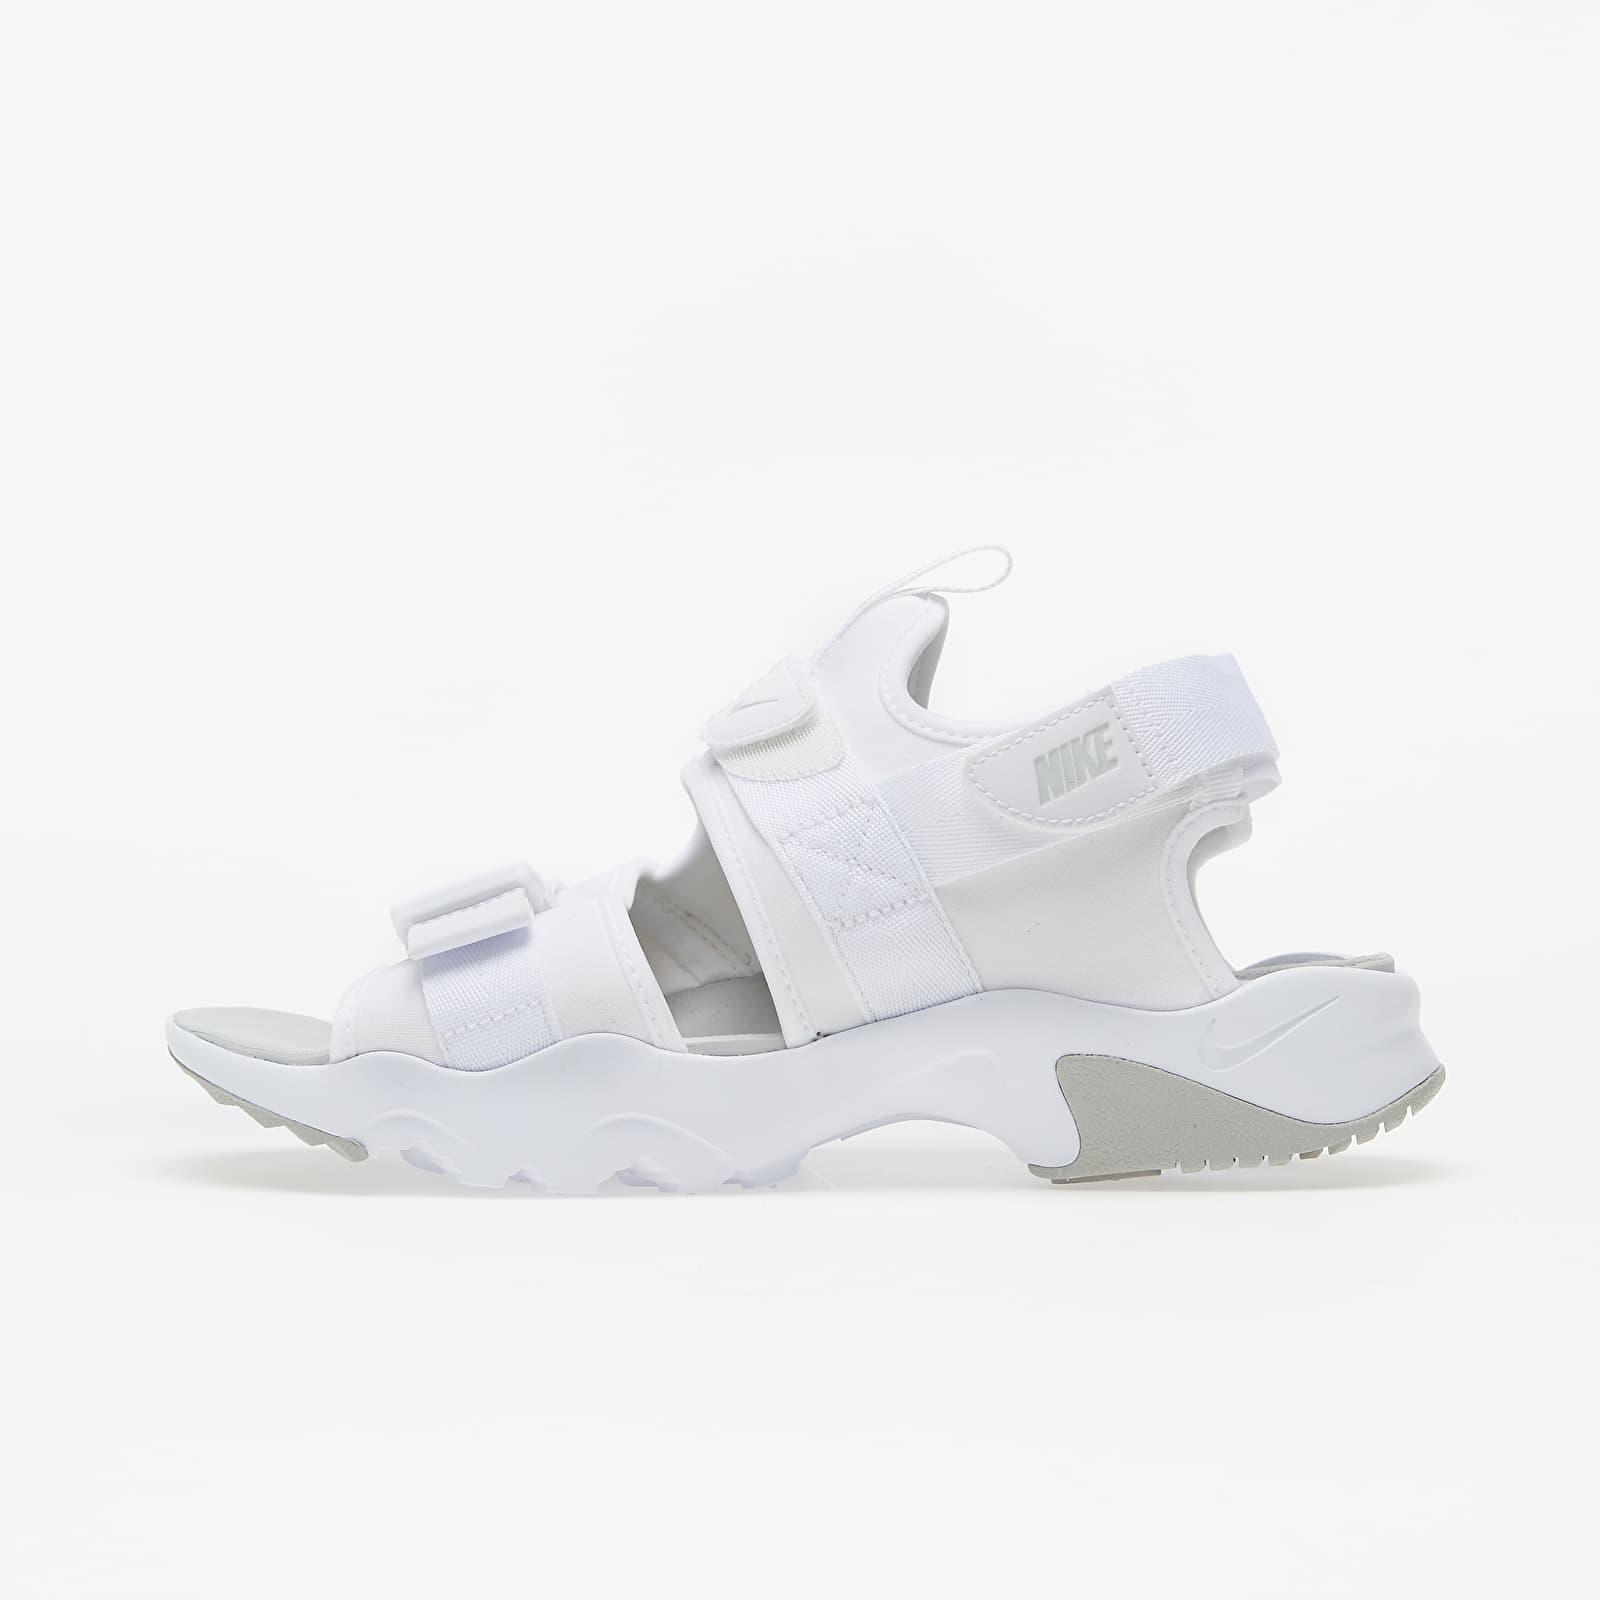 Încălțăminte și sneakerși pentru femei Nike Wmns Canyon Sandal White/ Grey Fog